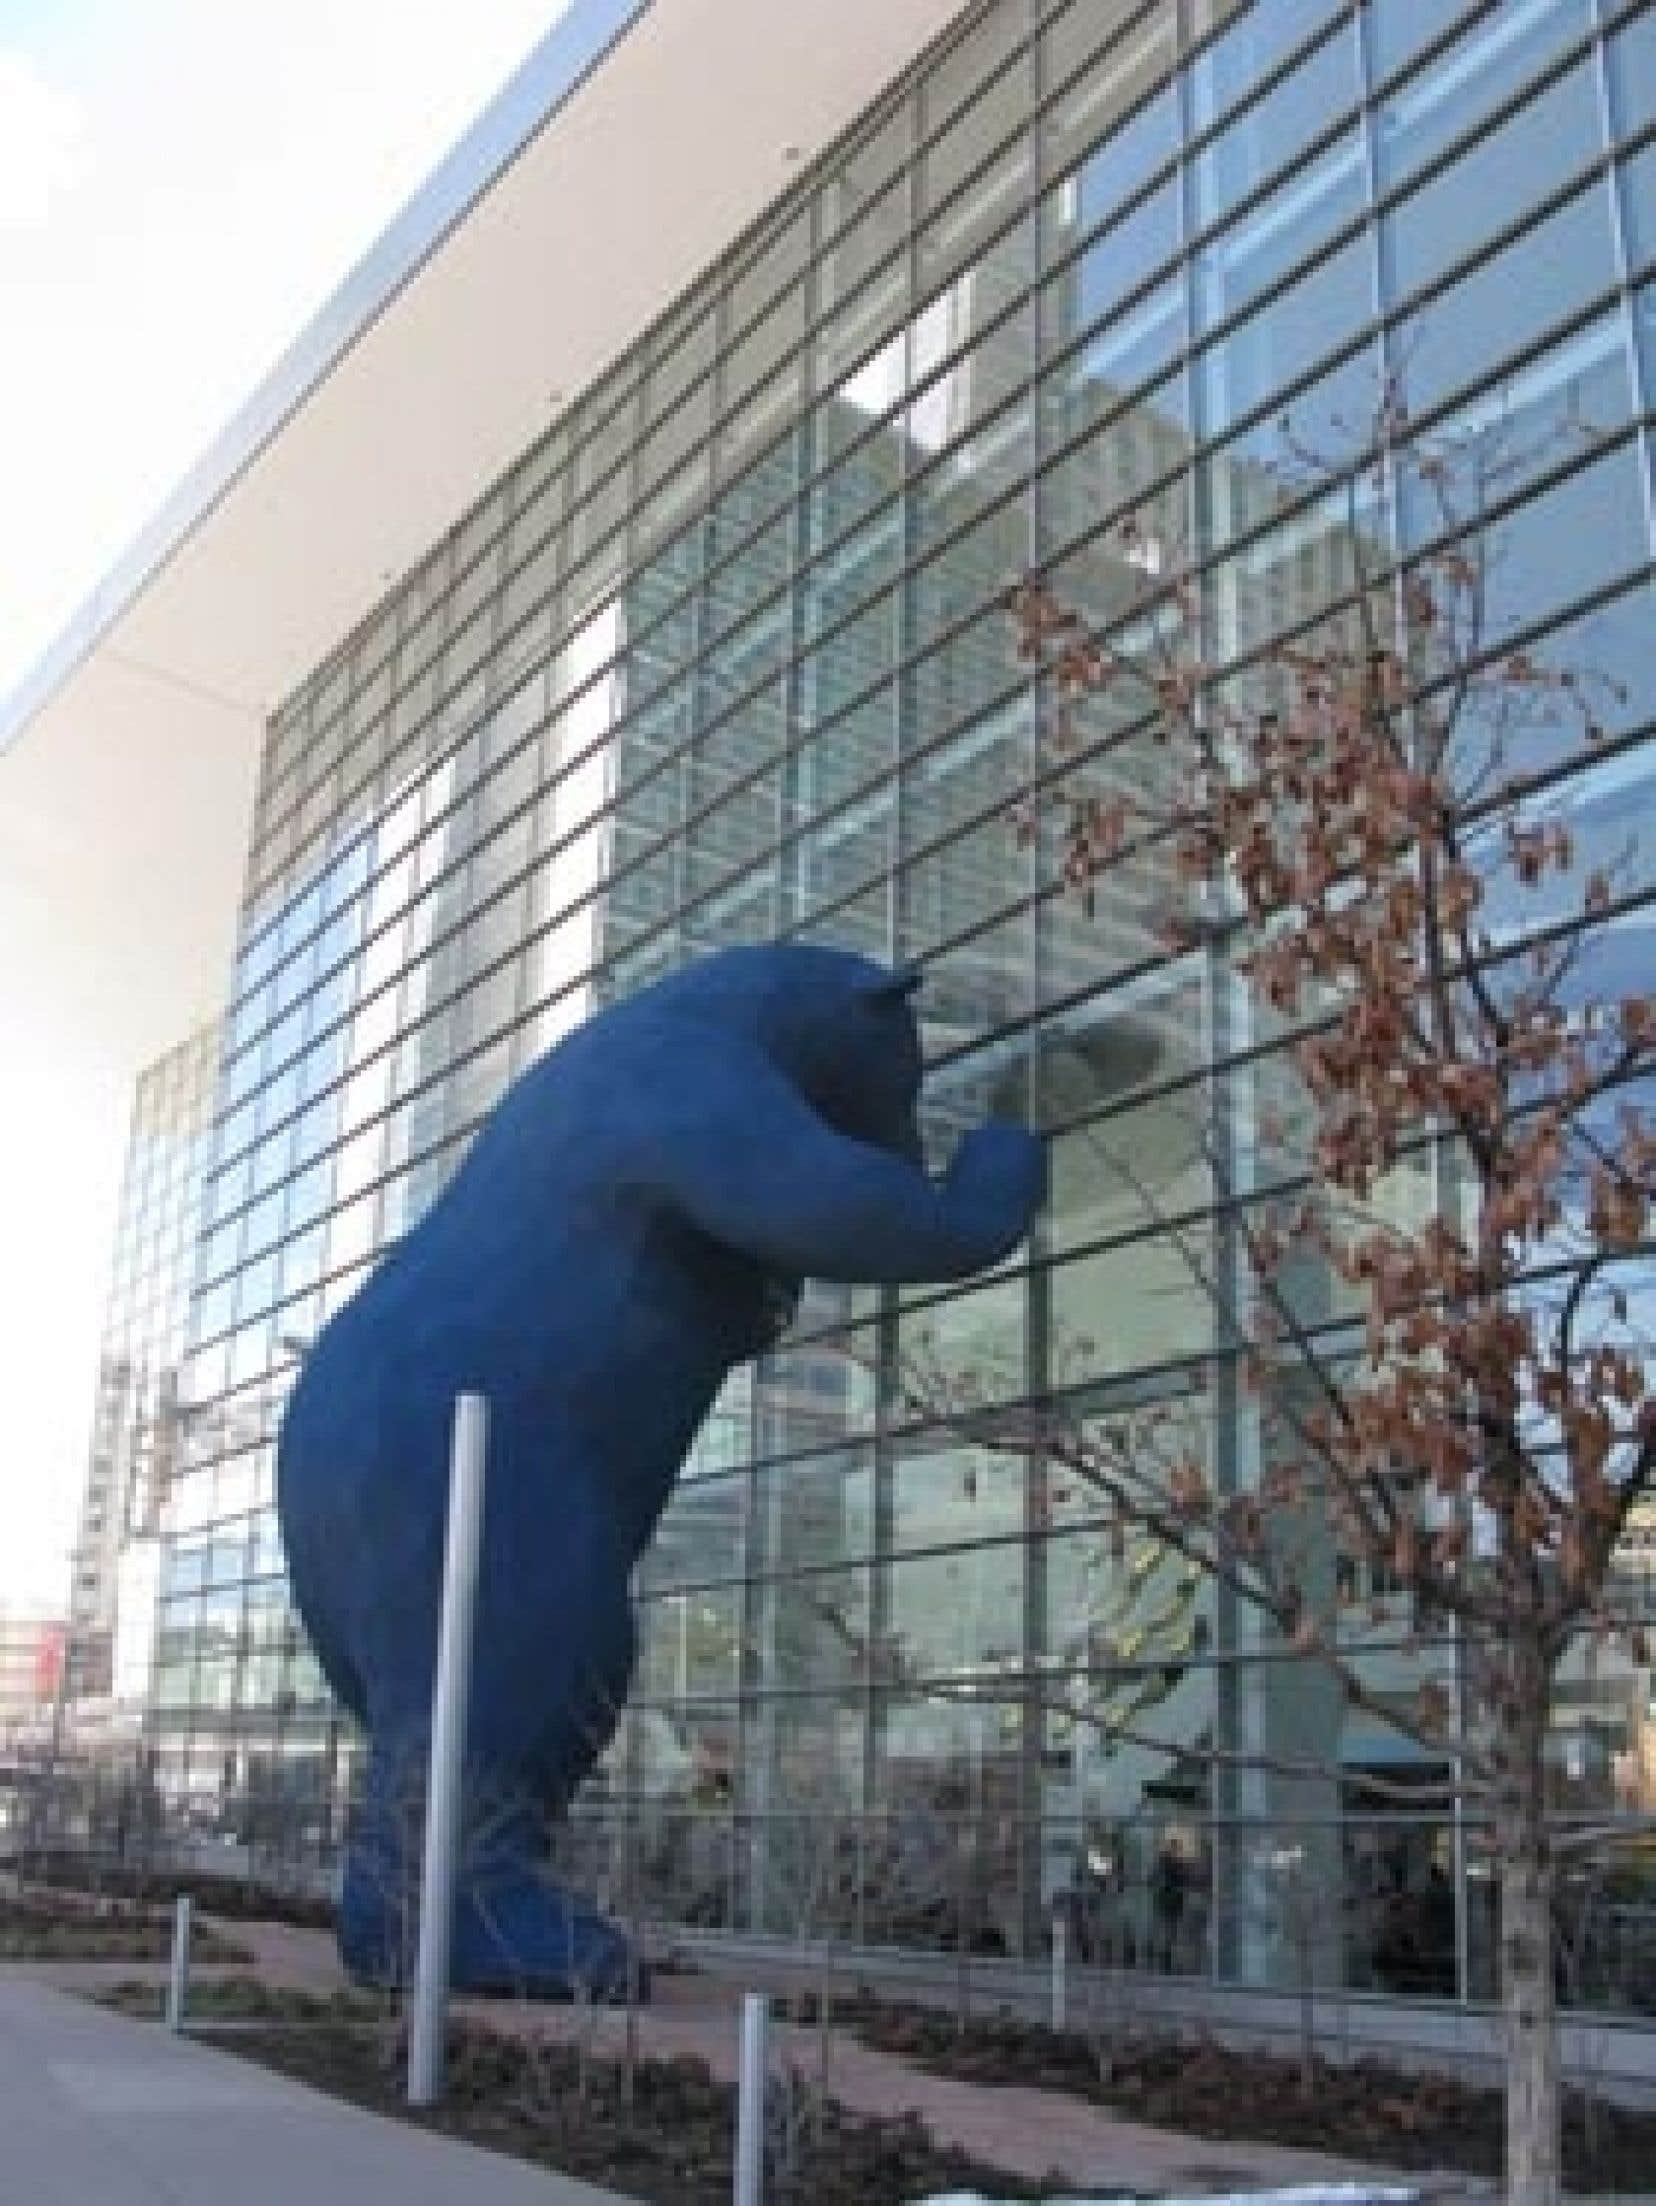 Un ours bleu géant regarde à travers les fenêtres du Colorado Convention Center: une sculpture en acier et fibre de verre de 12 mètres de haut. À voir, en route vers Boulder.